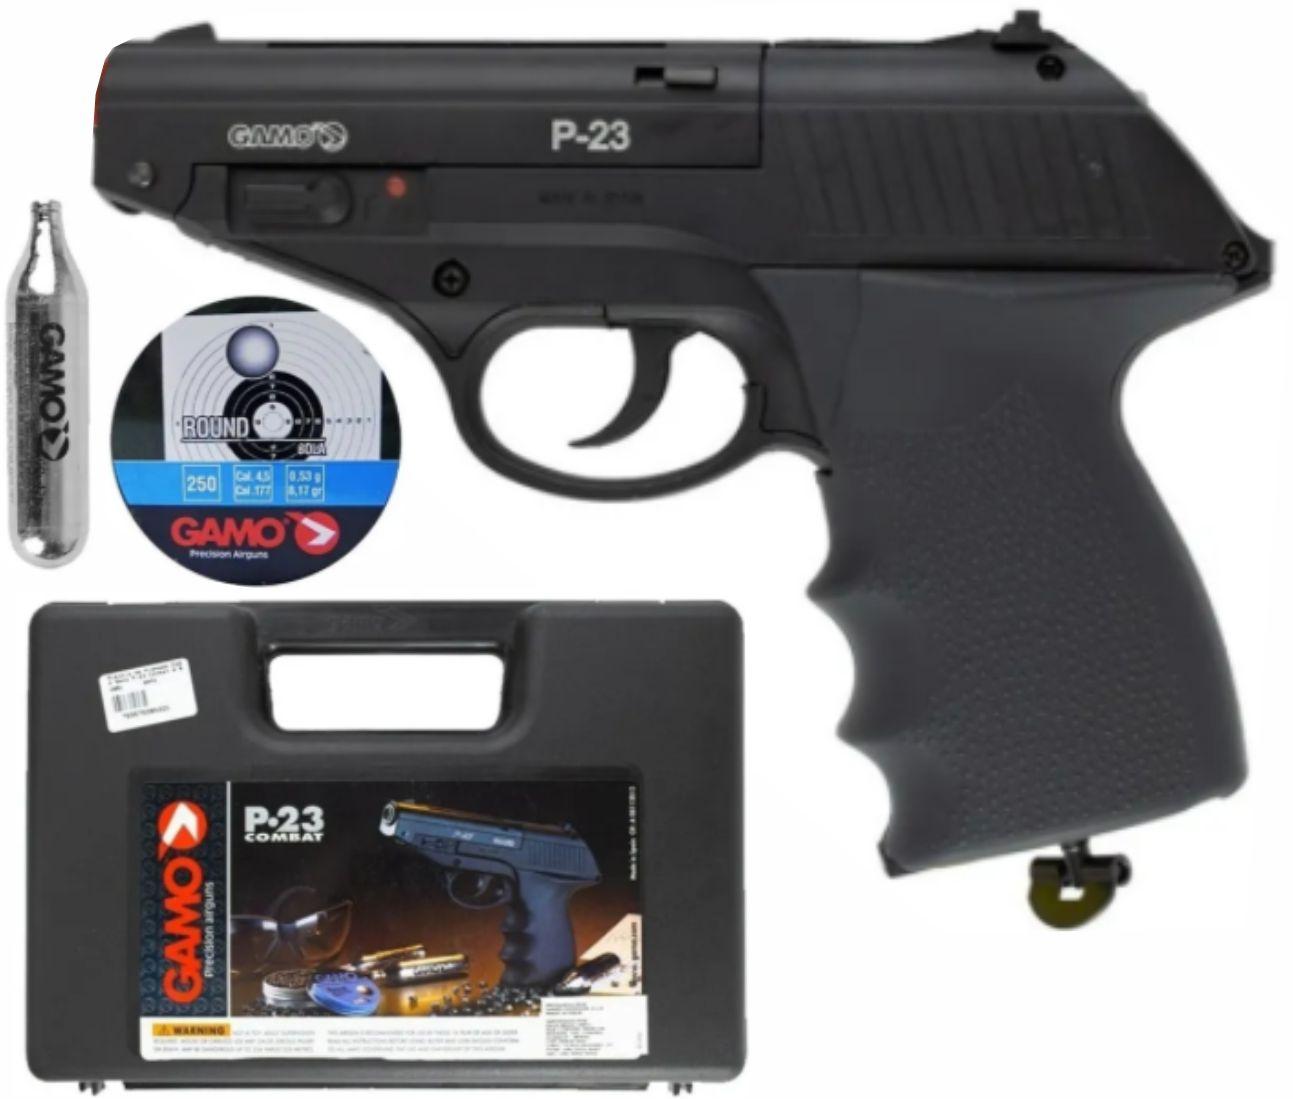 Pistolade Pressão Co2 Gamo P23 4,5mm 12 Tiros - Preta